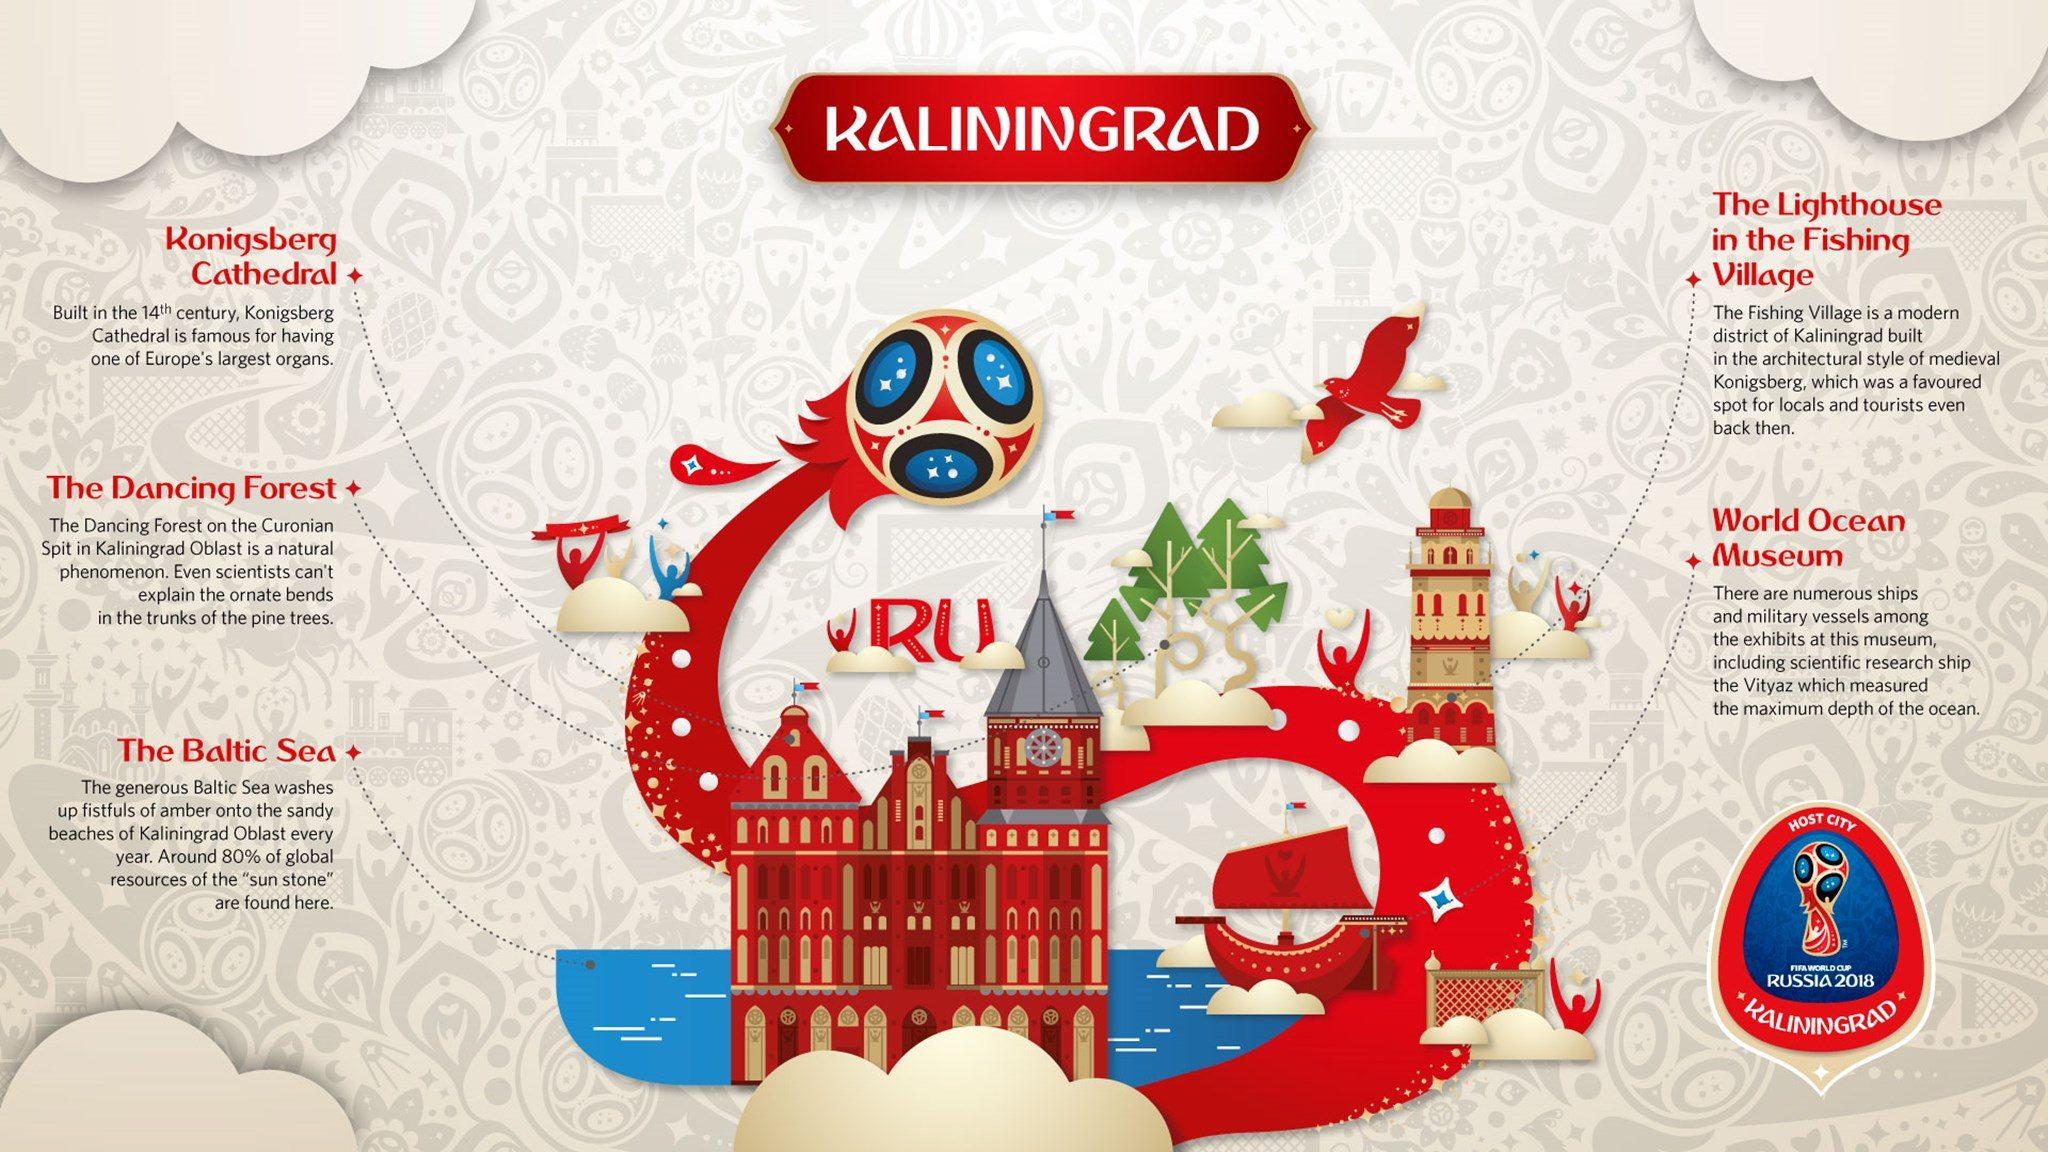 Kaliningrad (FIFA 2018)